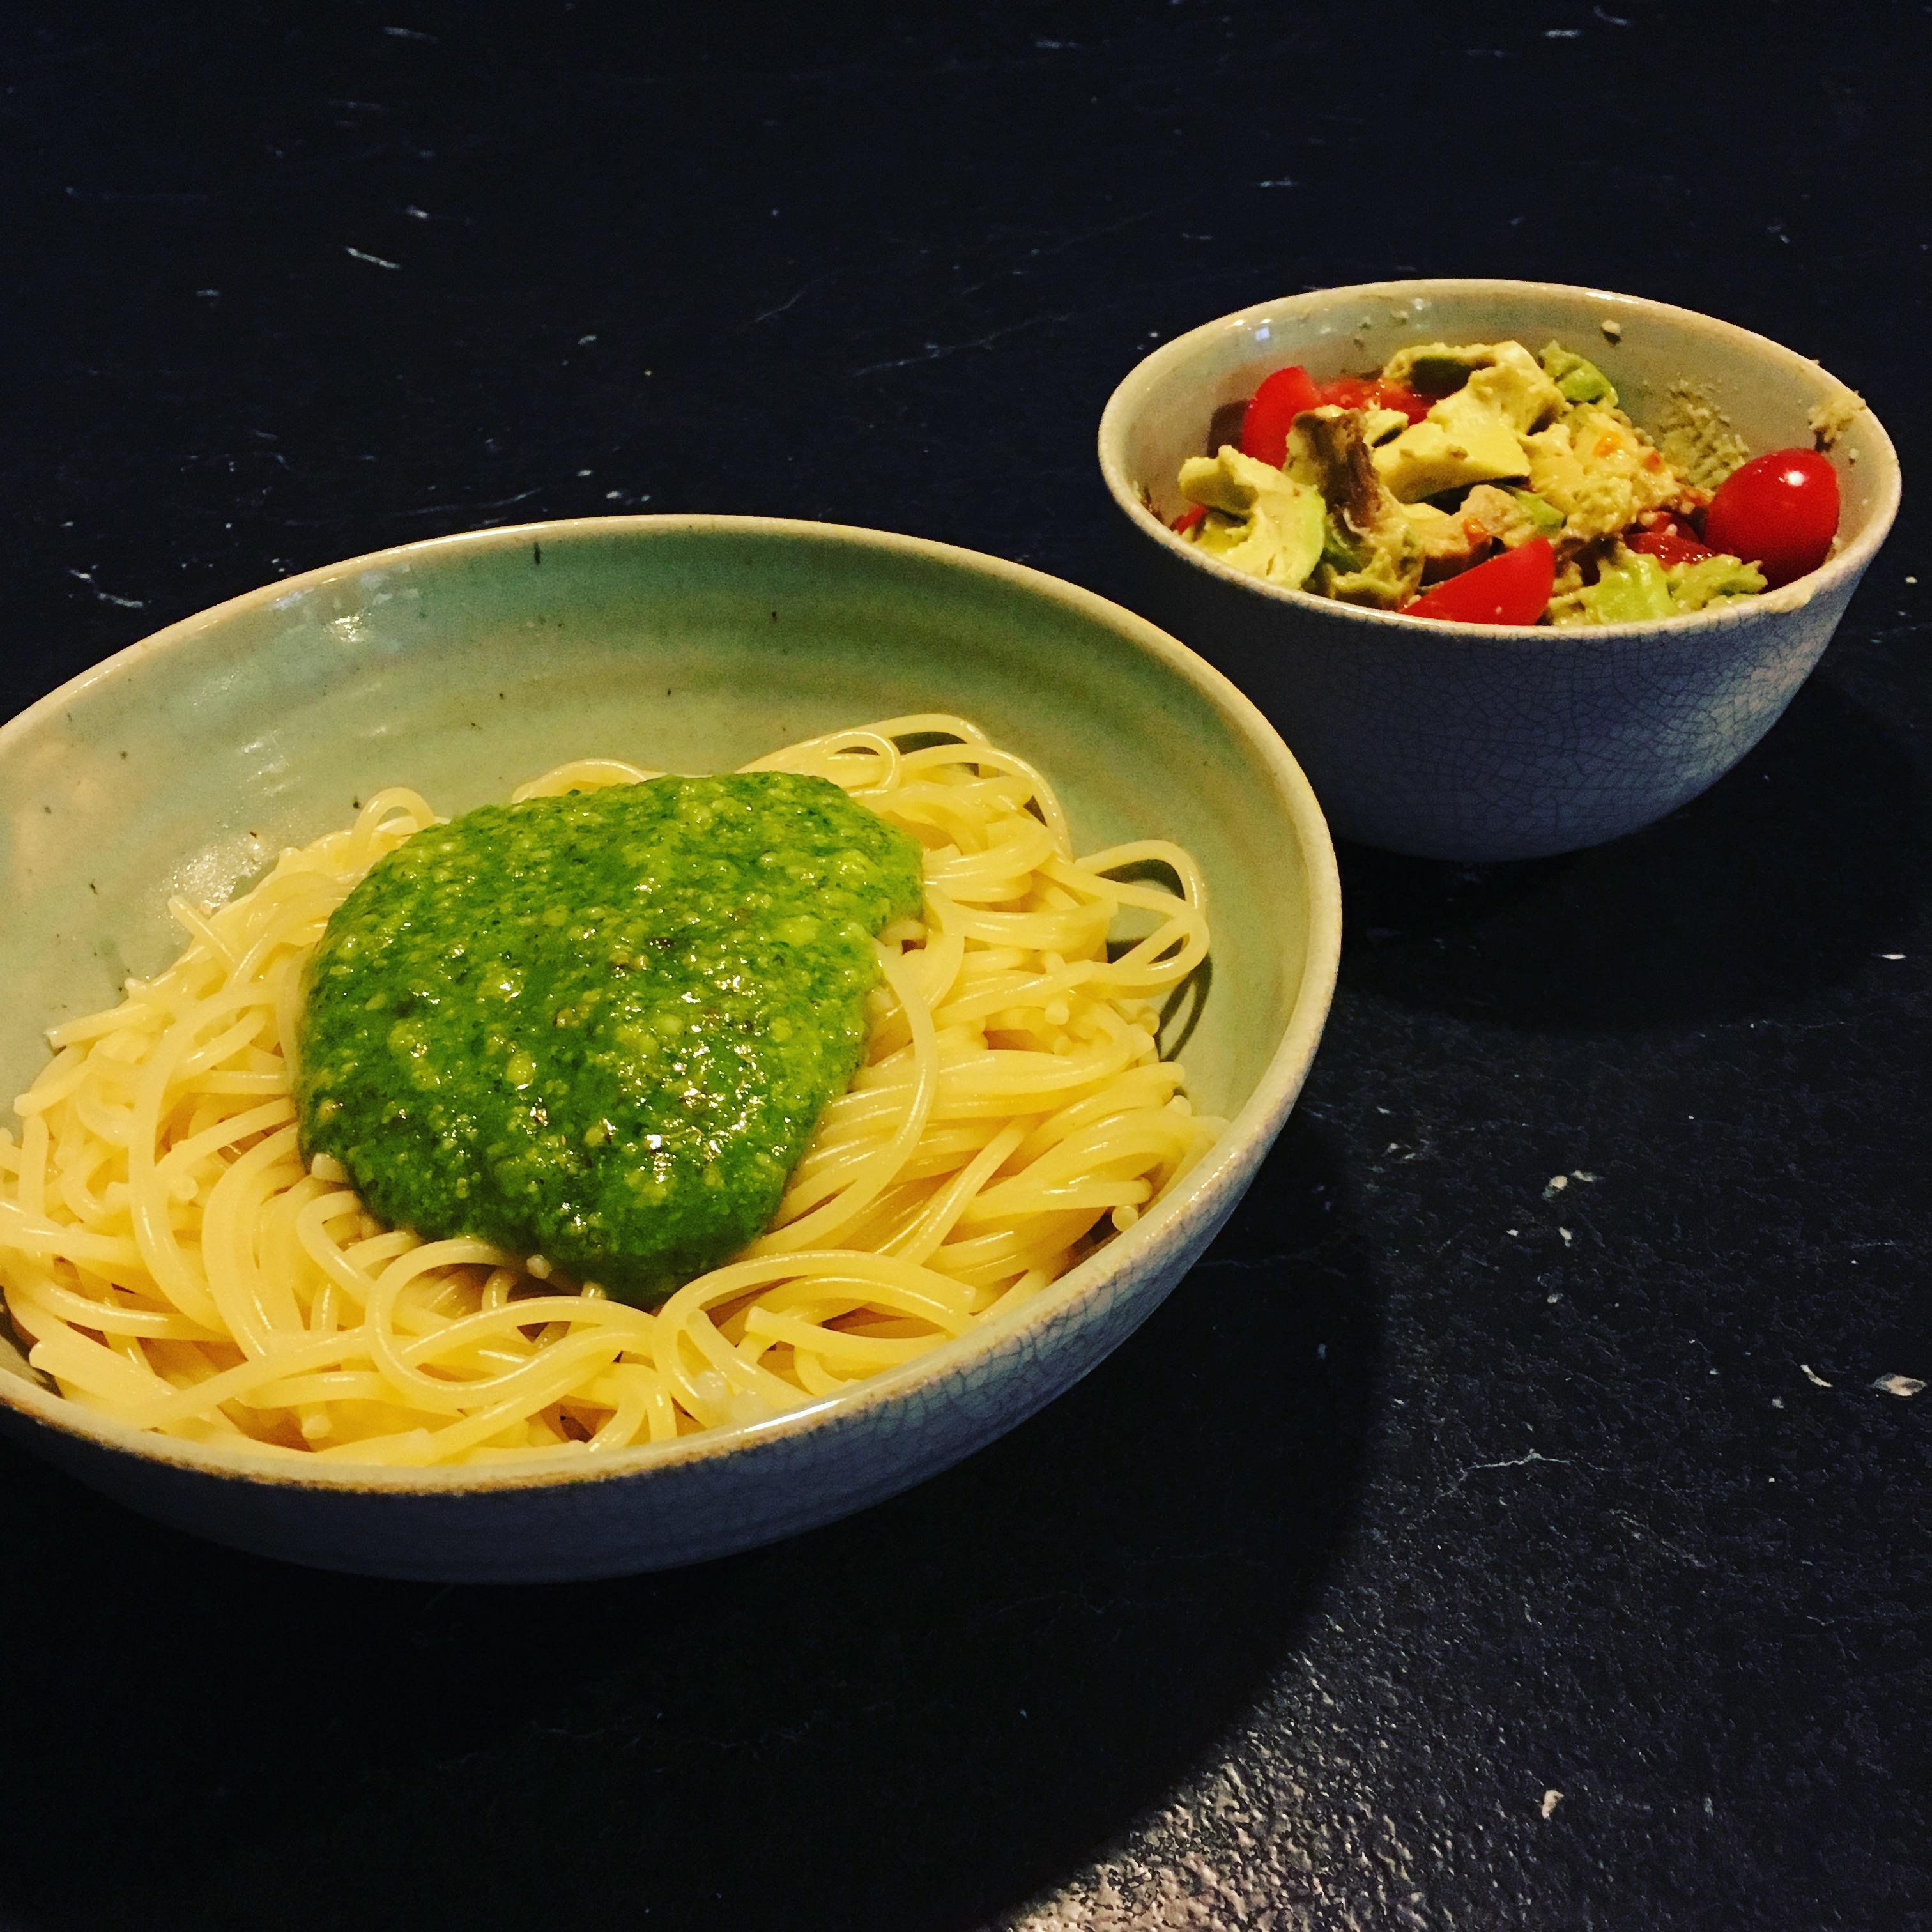 Jeg lavede pesto til barnedåben (der kommer en opskrift), og nød det på en gang pasta til aftensmad, da jeg var (næsten) alene hjemme.